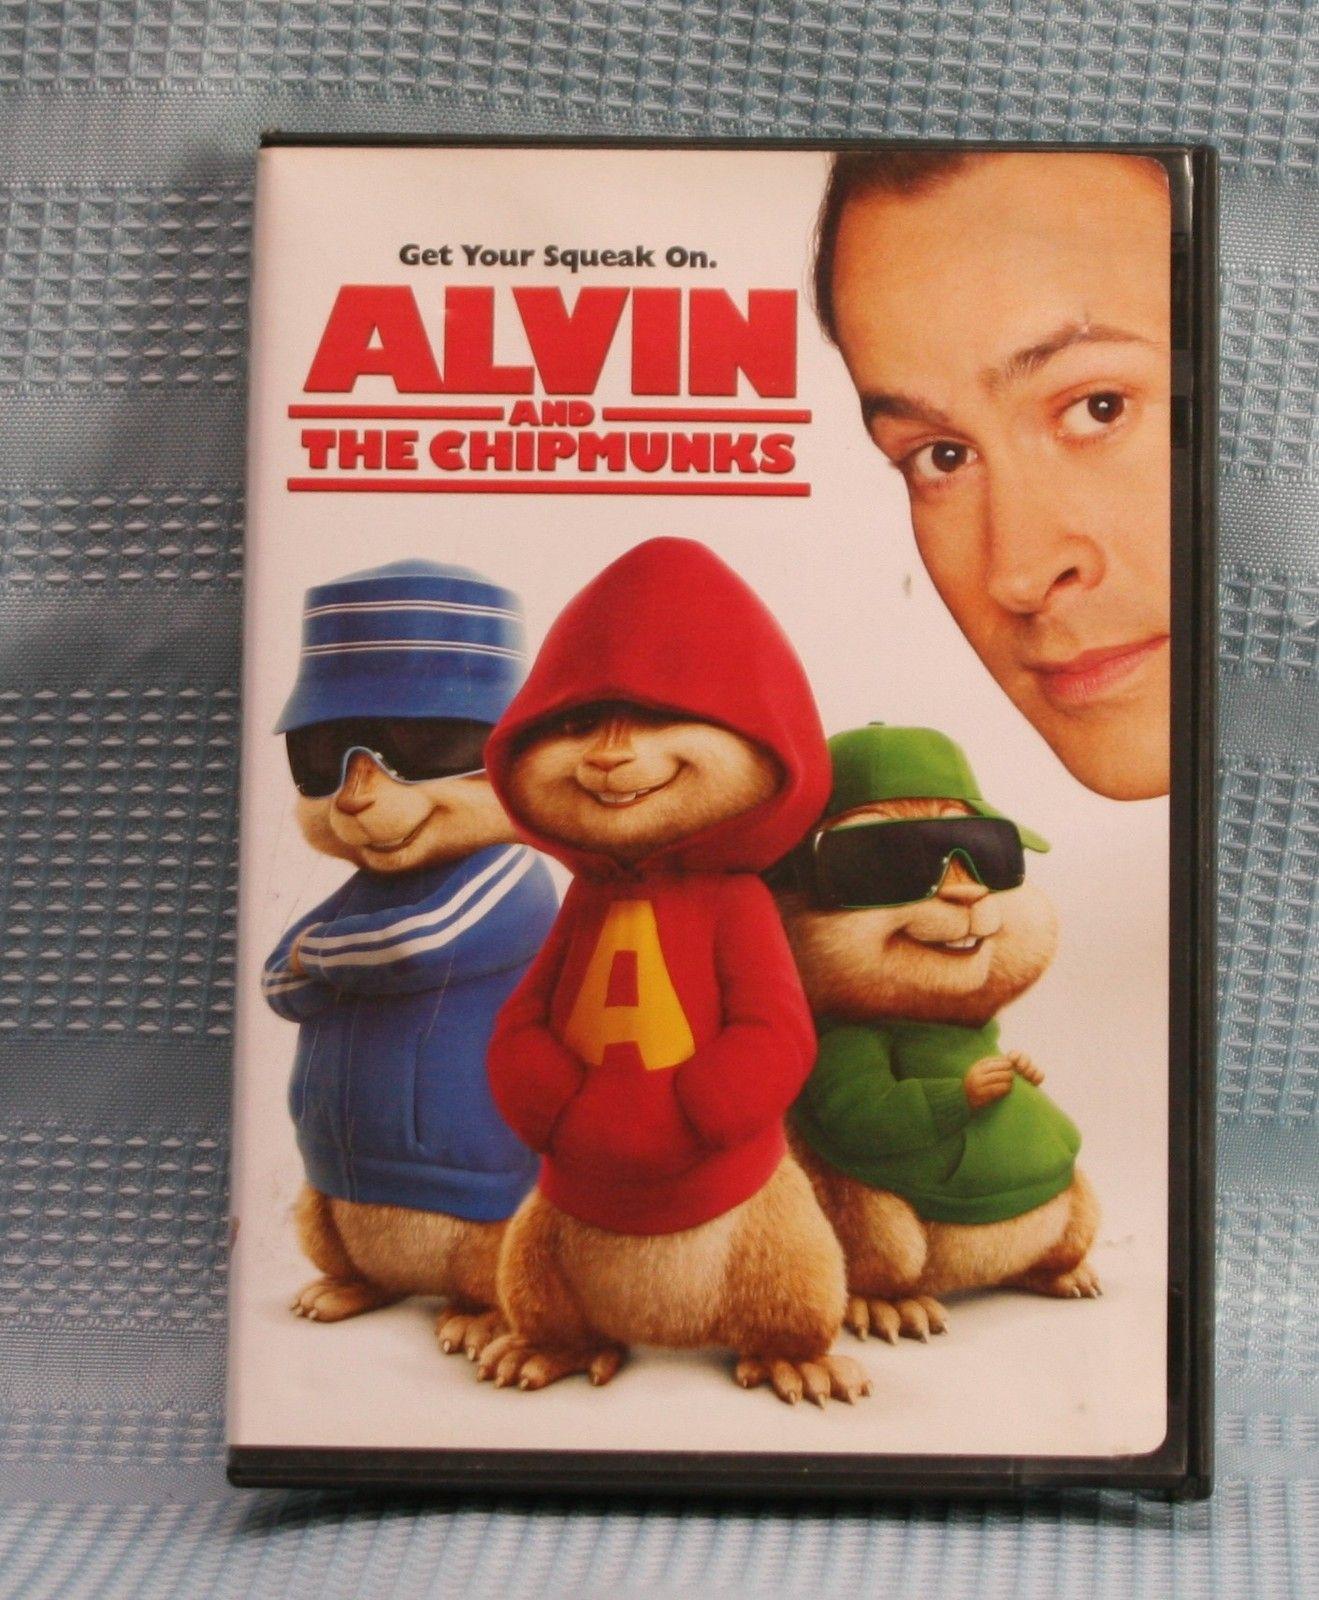 Pin Von Inspired Creations Auf Twitter Tweet Retweet Bonanza Booths Alvin Und Die Chipmunks Streifenhornchen Filme Sehen